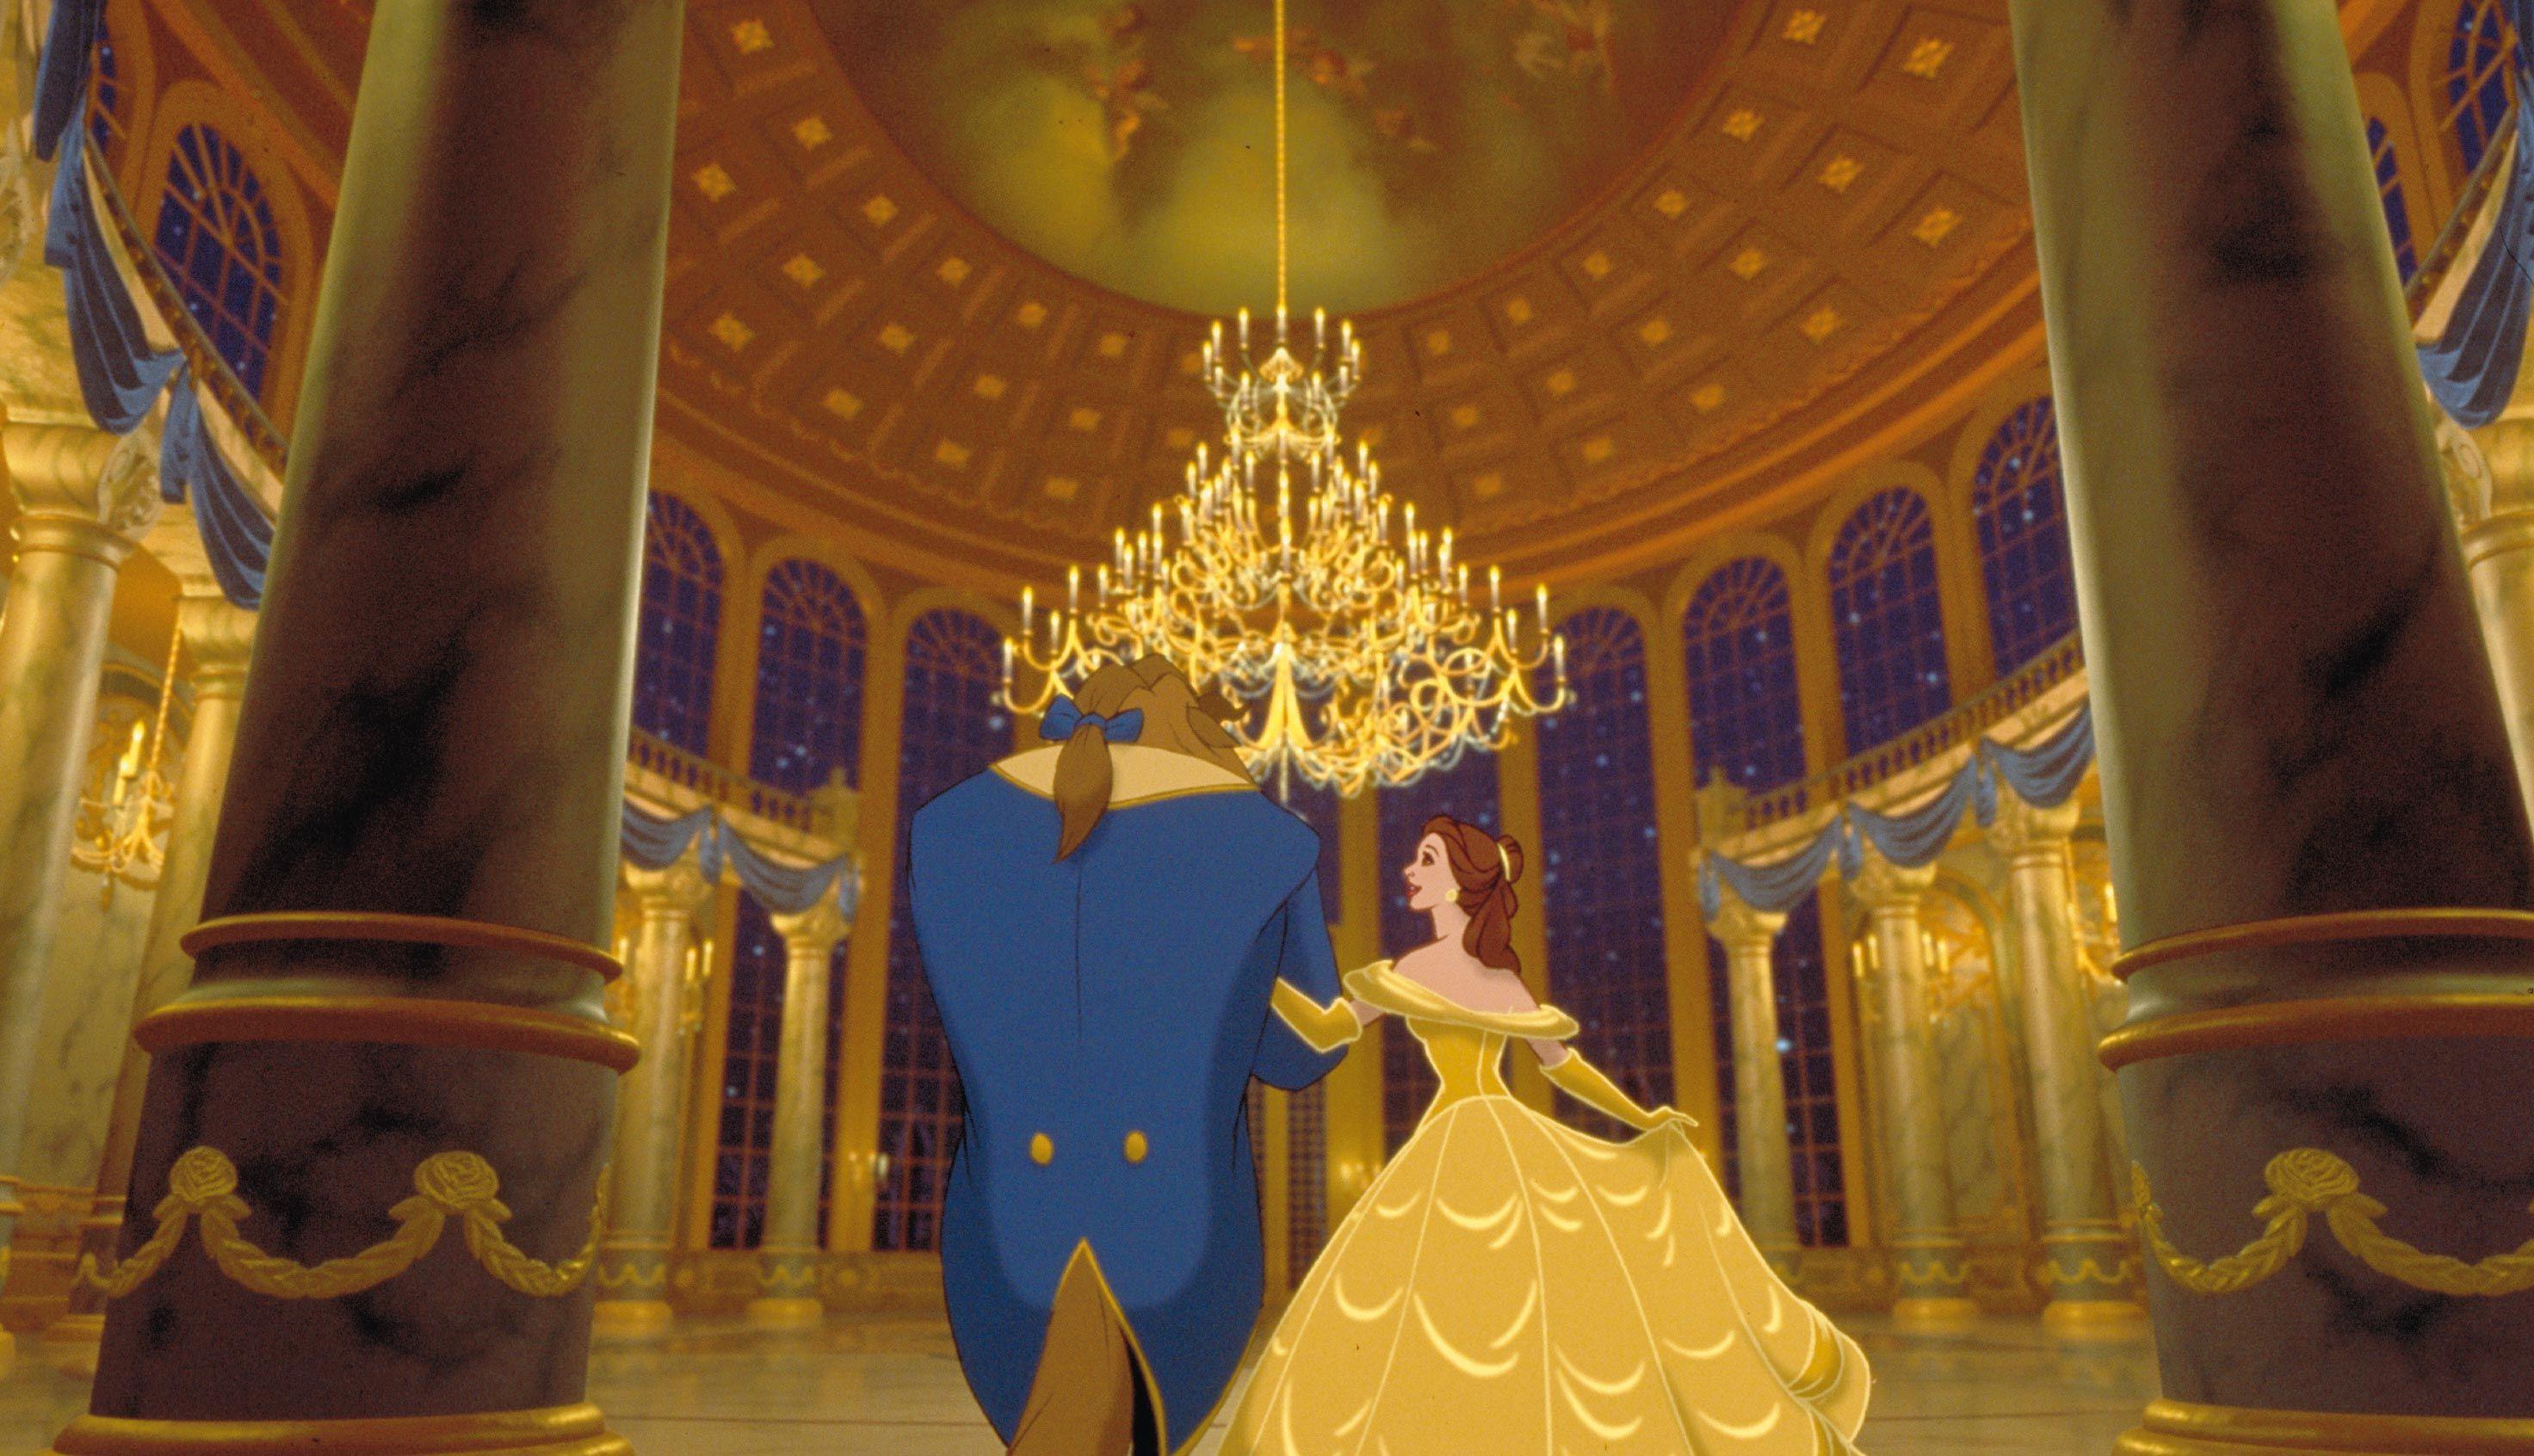 BELLE ET LA BETE - La Belle et la Bête est disponible en Blu-ray et DVD - © Disney  #Belle #LaBete